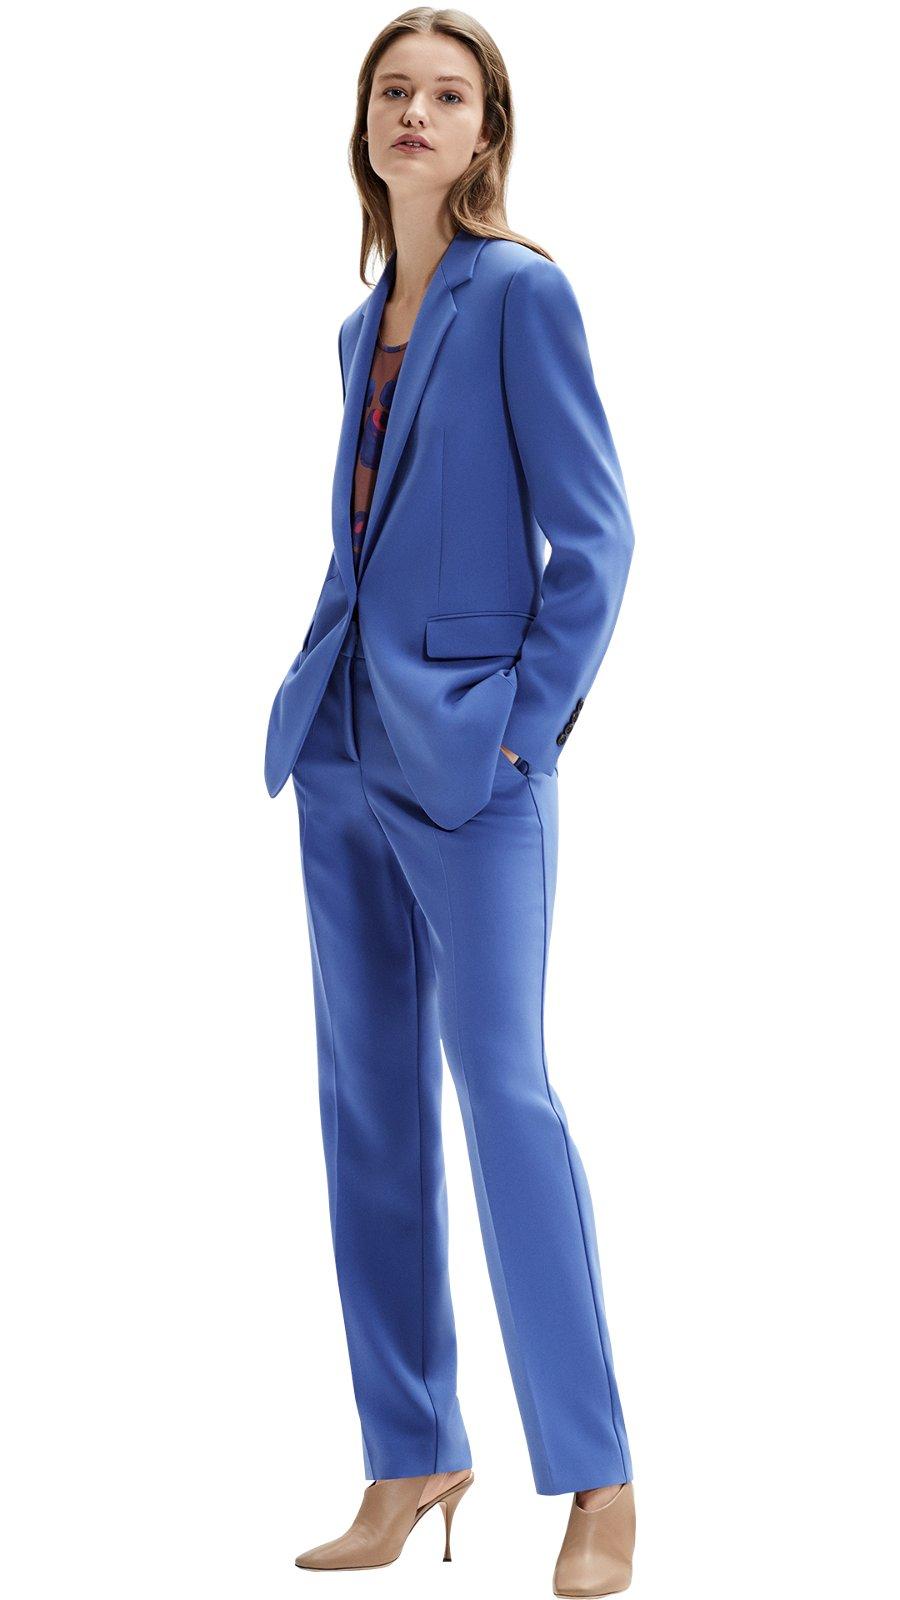 e8797555a2 Modelo femenina con chaqueta azul